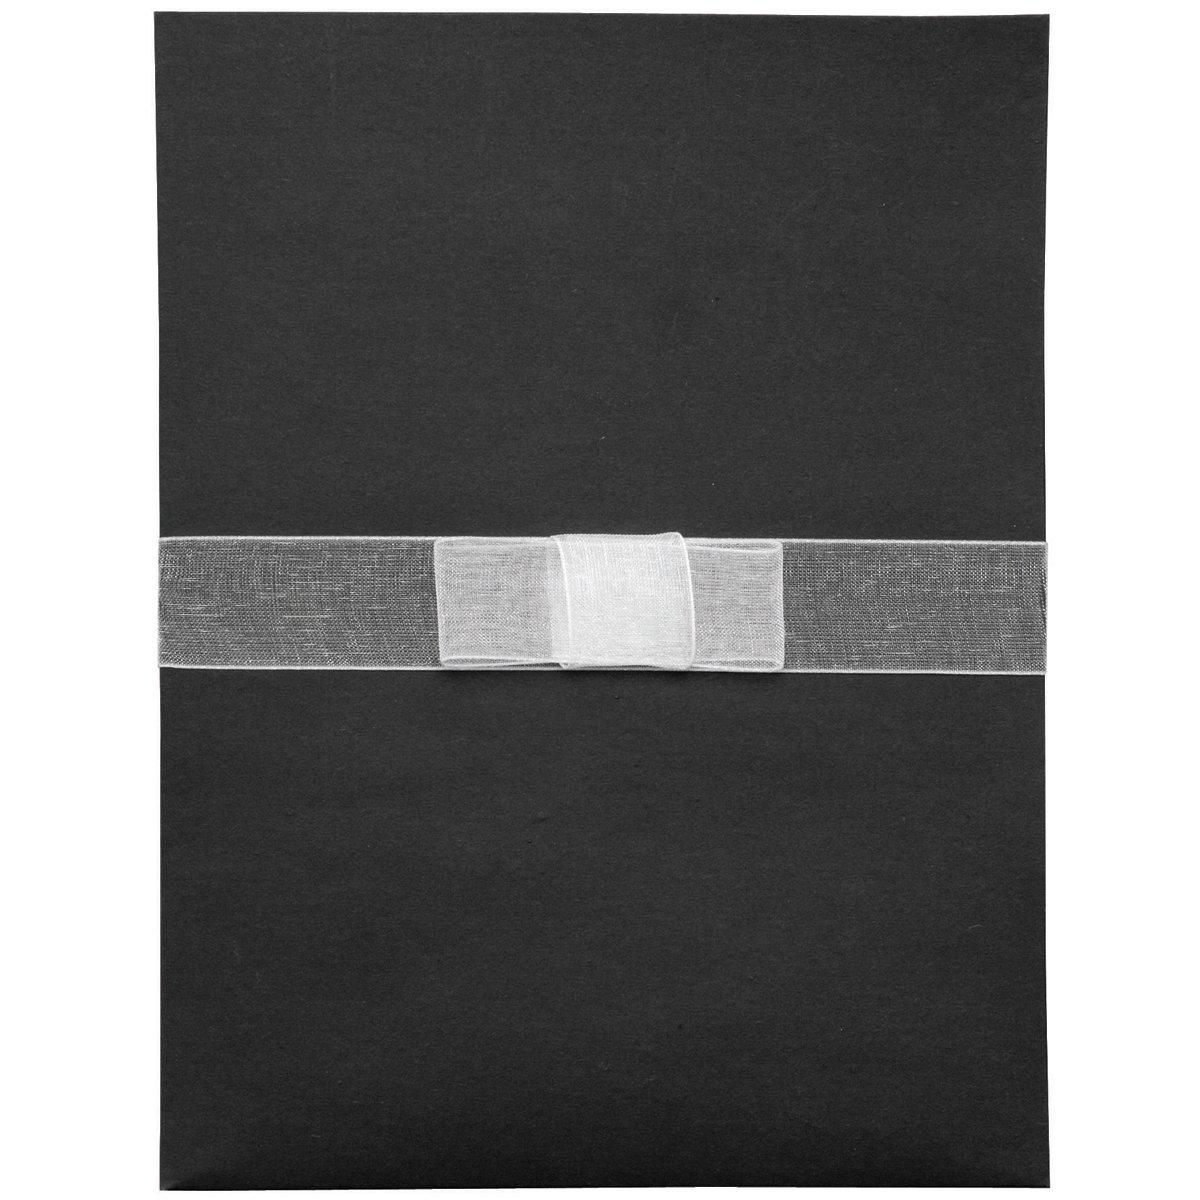 エレガンスの招待状キット 25/Pkg-ブラック/ホワイト B002PNP758 Elegance Elegance